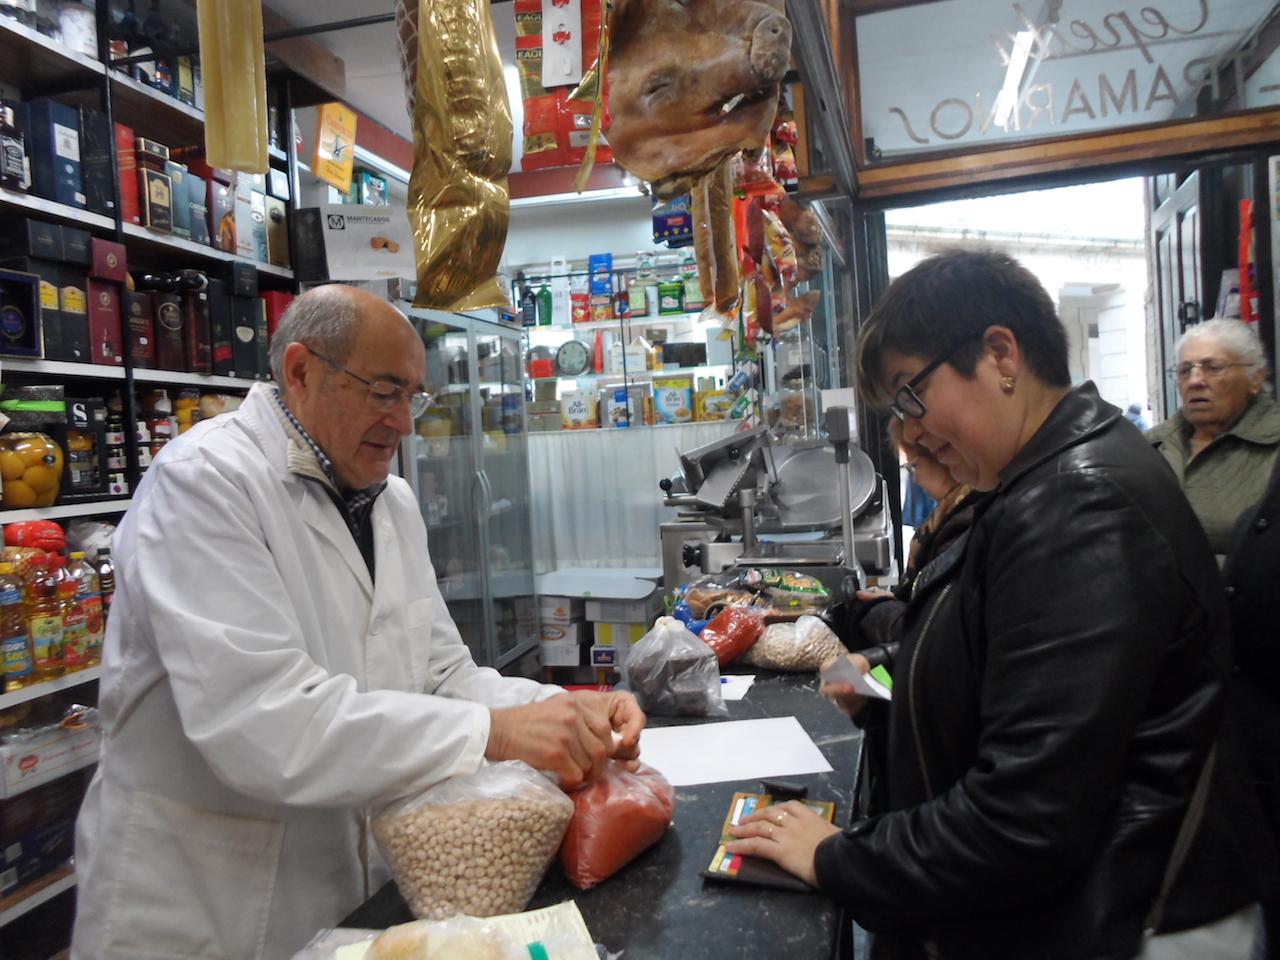 José Luis Cepeda despachando a unha das súas clientas no ultramarinos da praza de Cervantes 9 - FOTO: G.L.O.